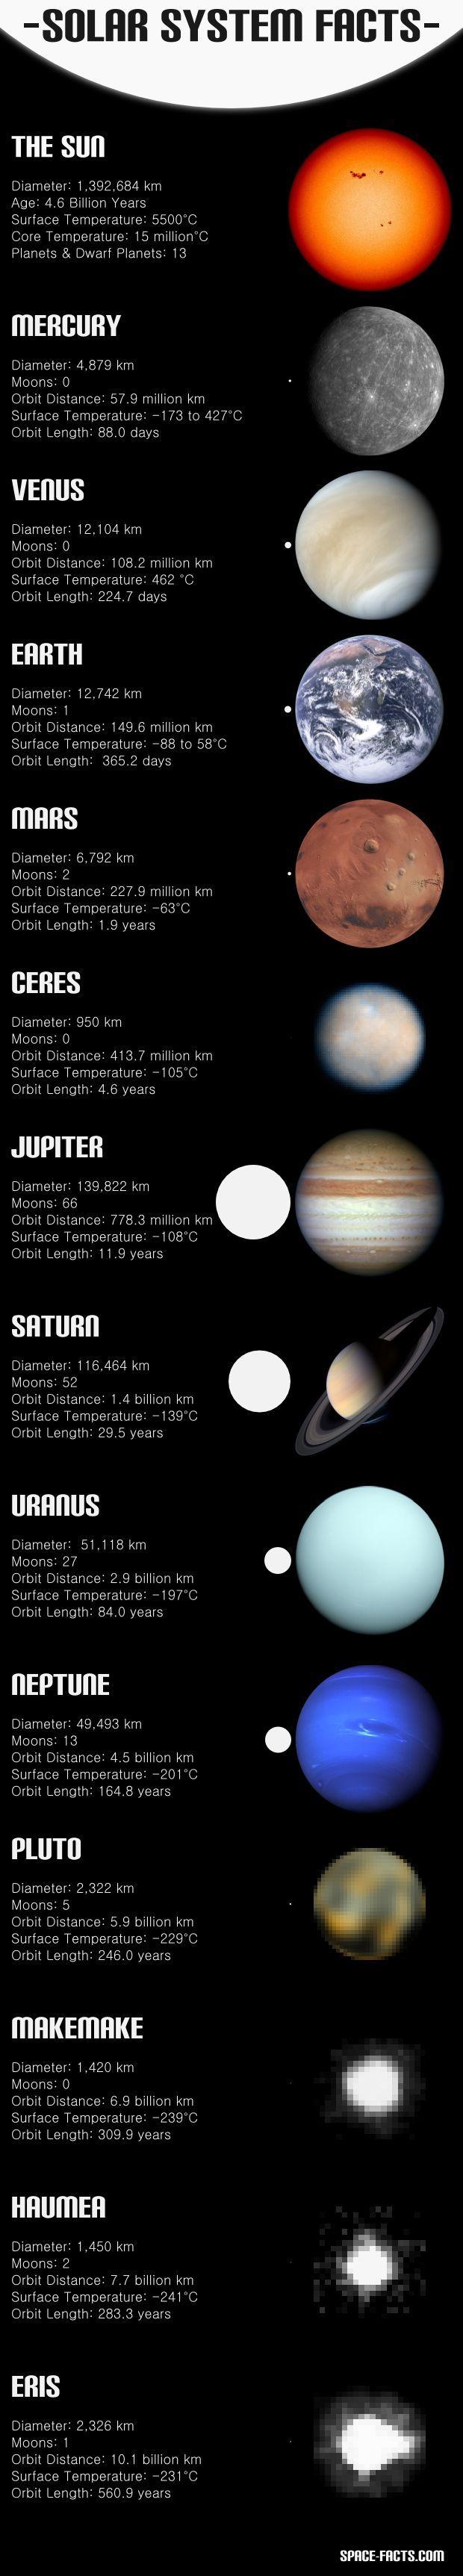 54ec6f11f5e9cf78ac84776f26cf5f80--my-solar-system-solar-system-facts Verwunderlich Das Weltall ist Unendlich Dekorationen